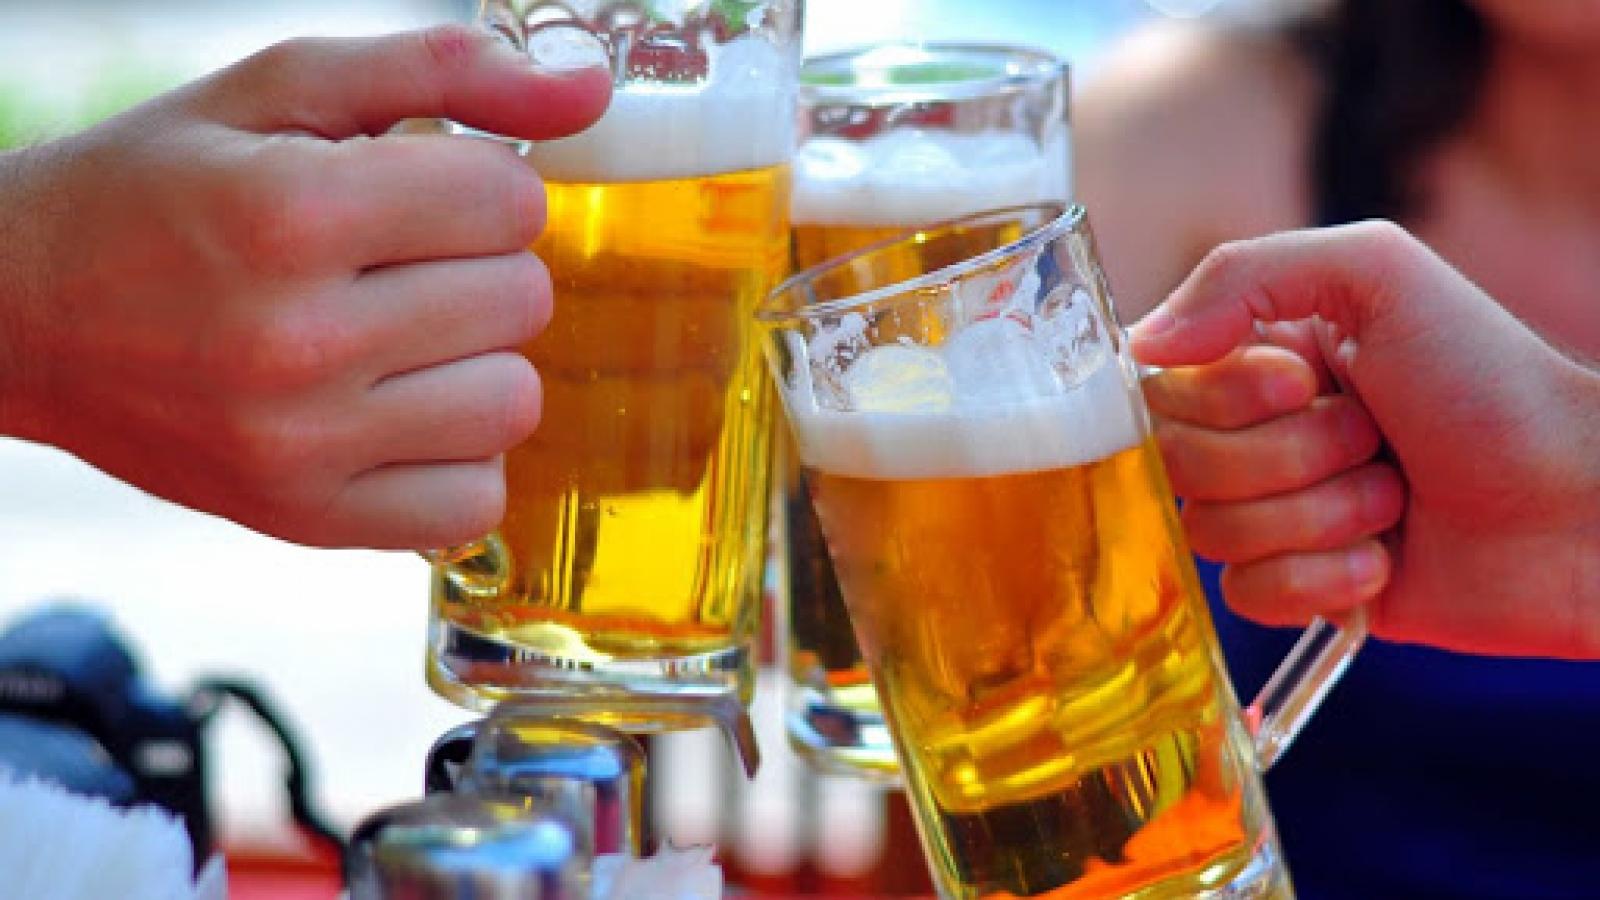 Ép người khác uống rượu bia coi chừng bị phạt nặng